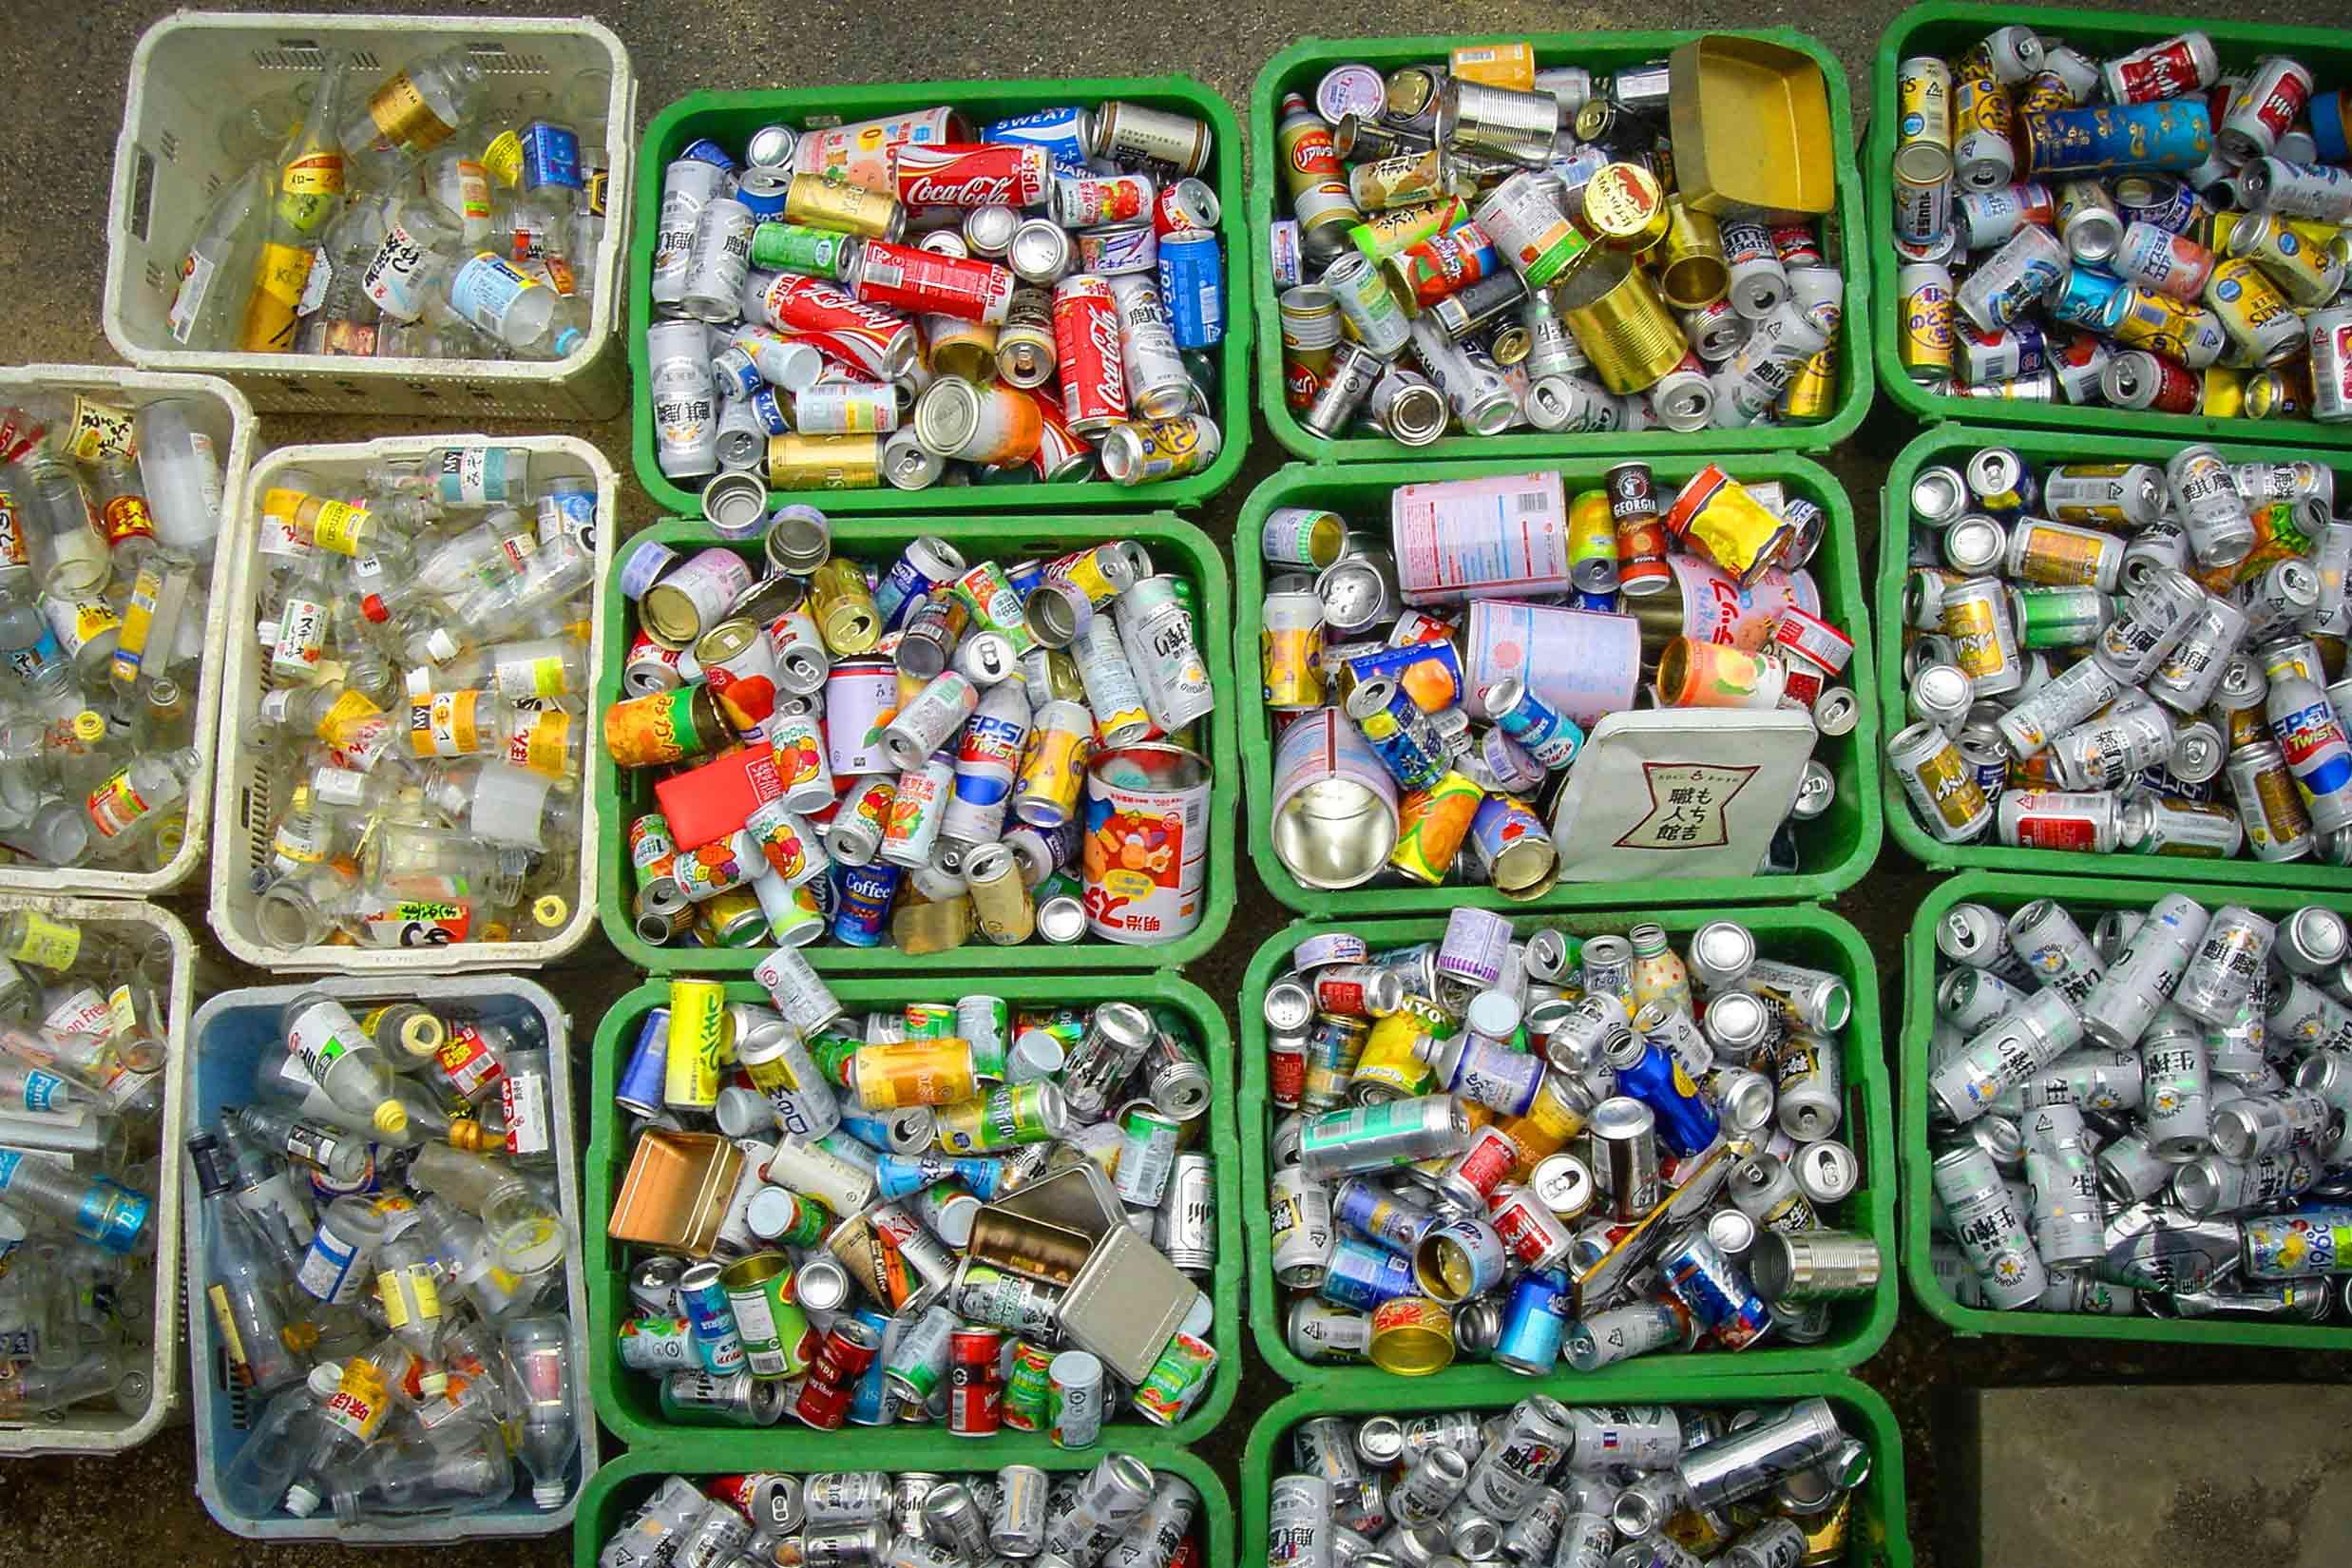 zero waste 02 - <b>Сортировать мусор всегда экономически невыгодно.</b> Объясняем, почему в Украине надо платить за переработку - Заборона